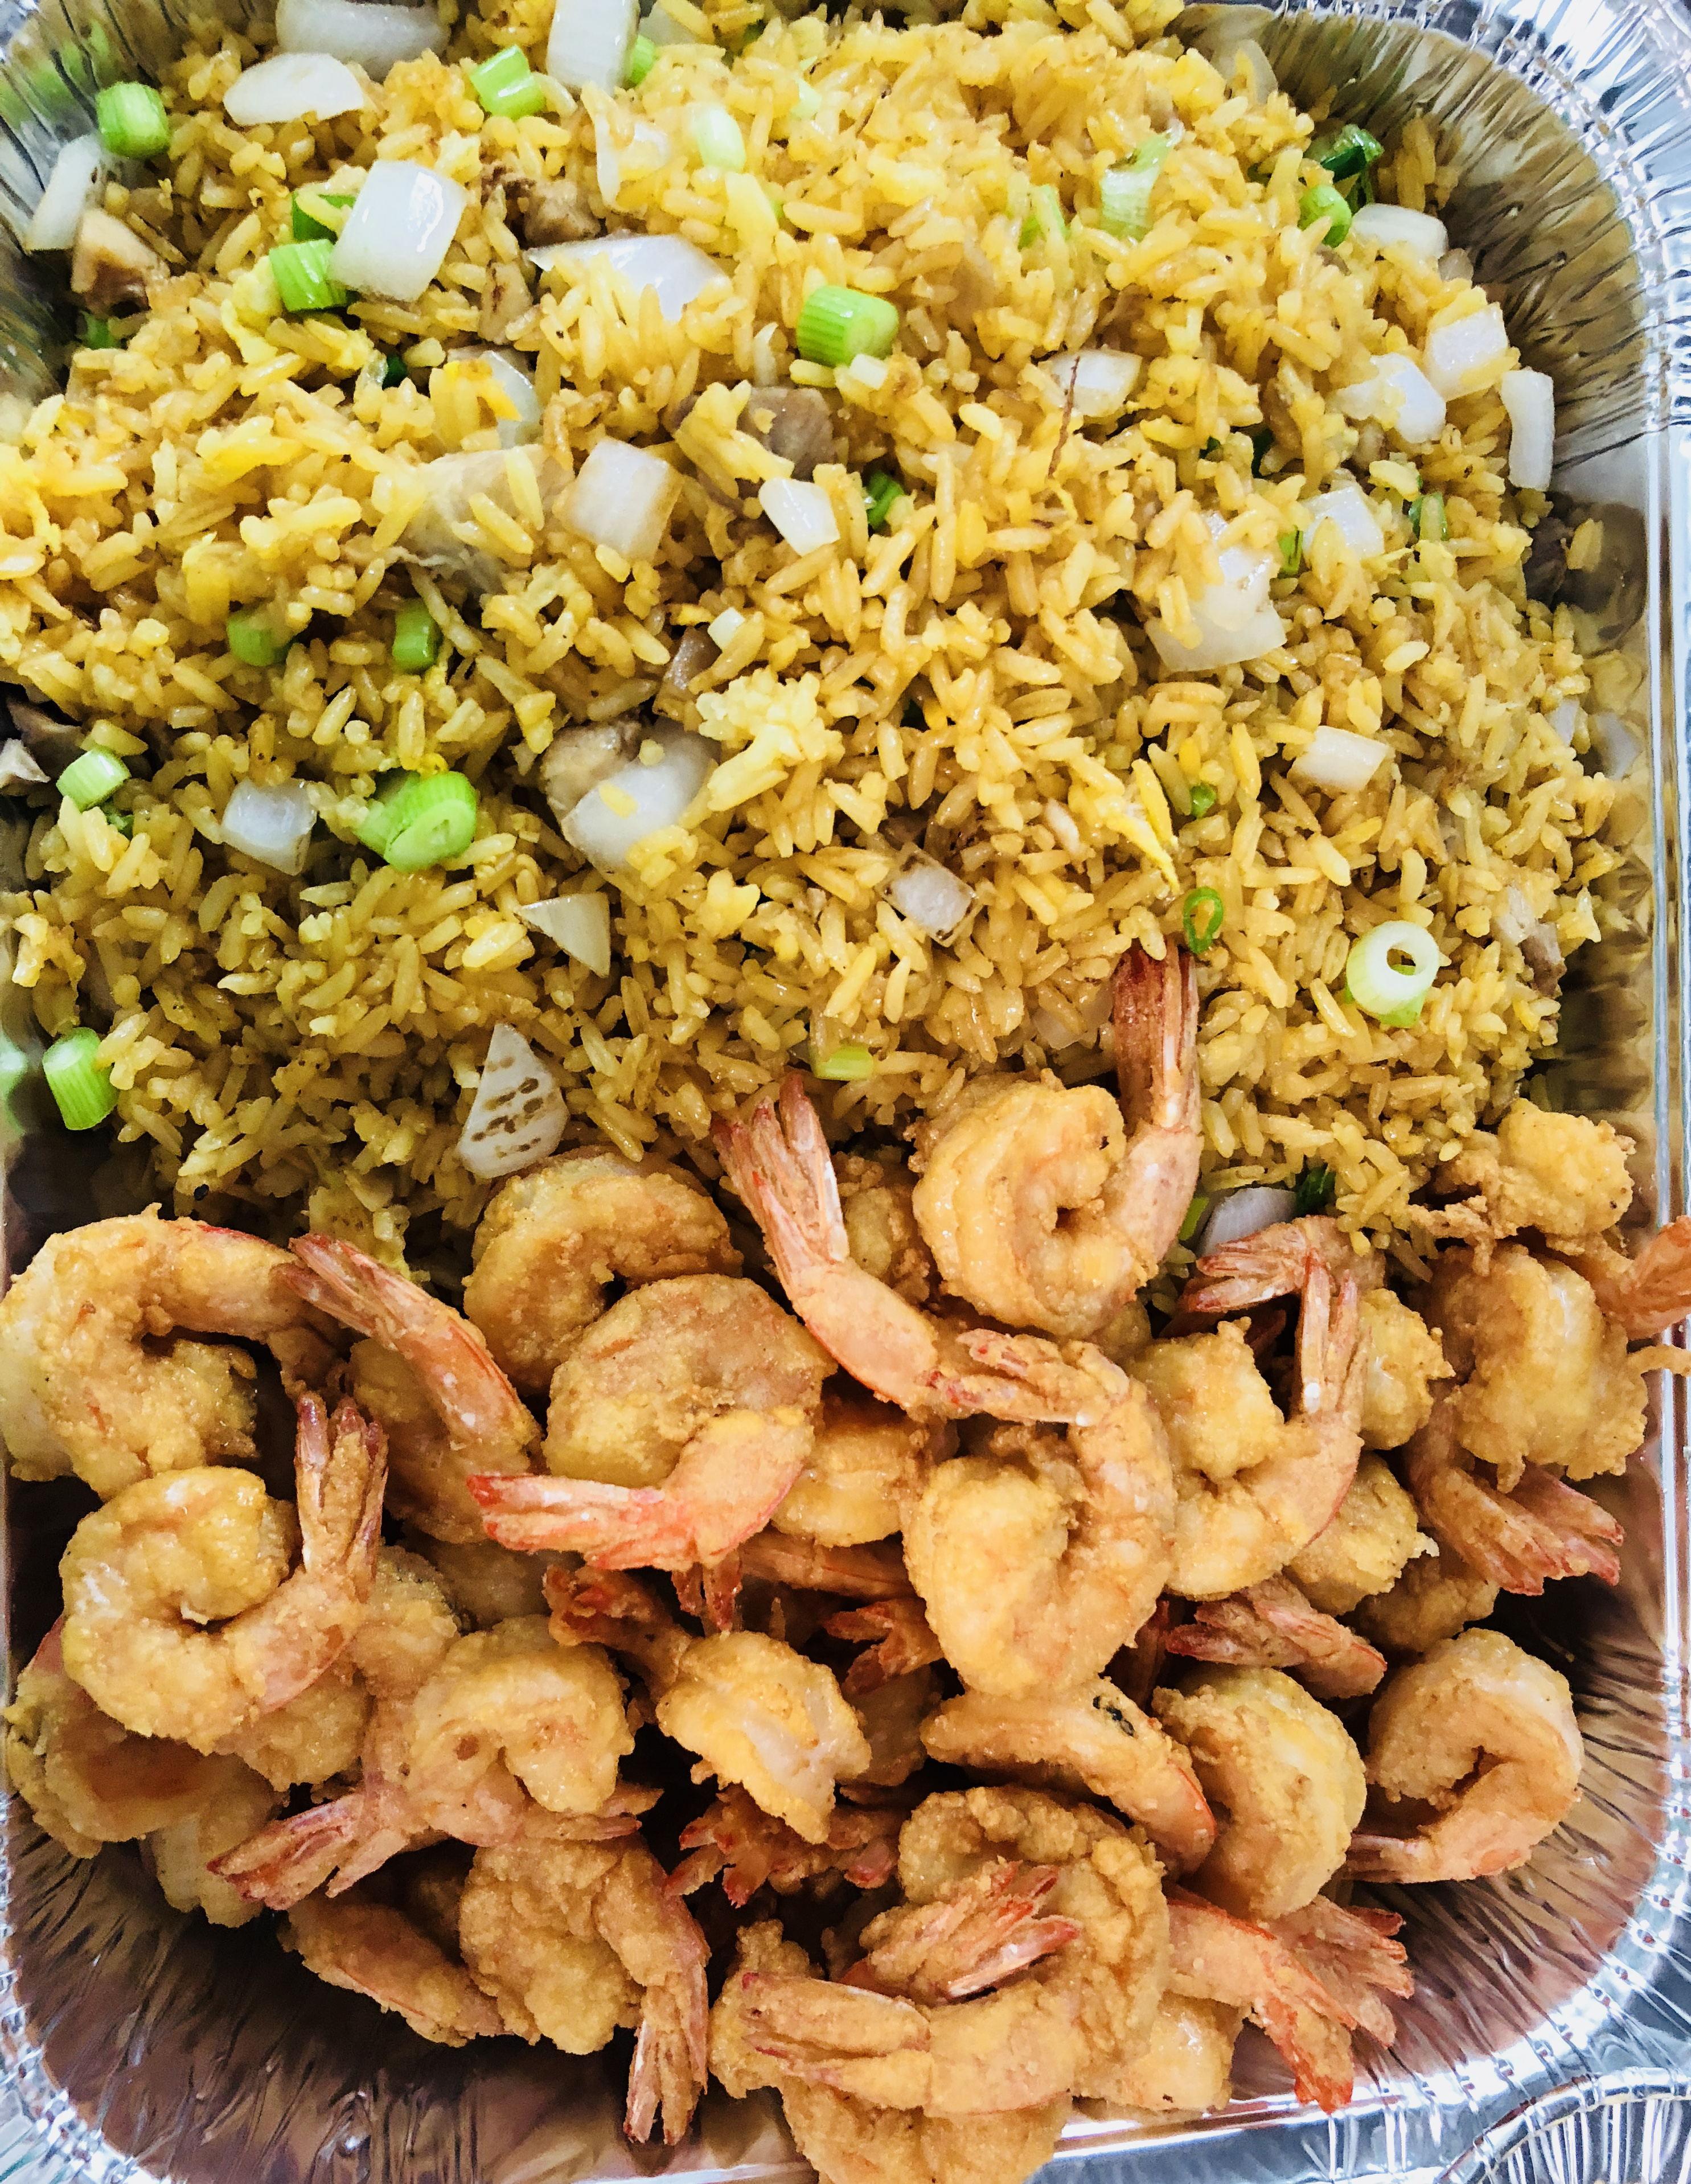 P4. 50 Medium Fried Shrimps with Fried Rice Image